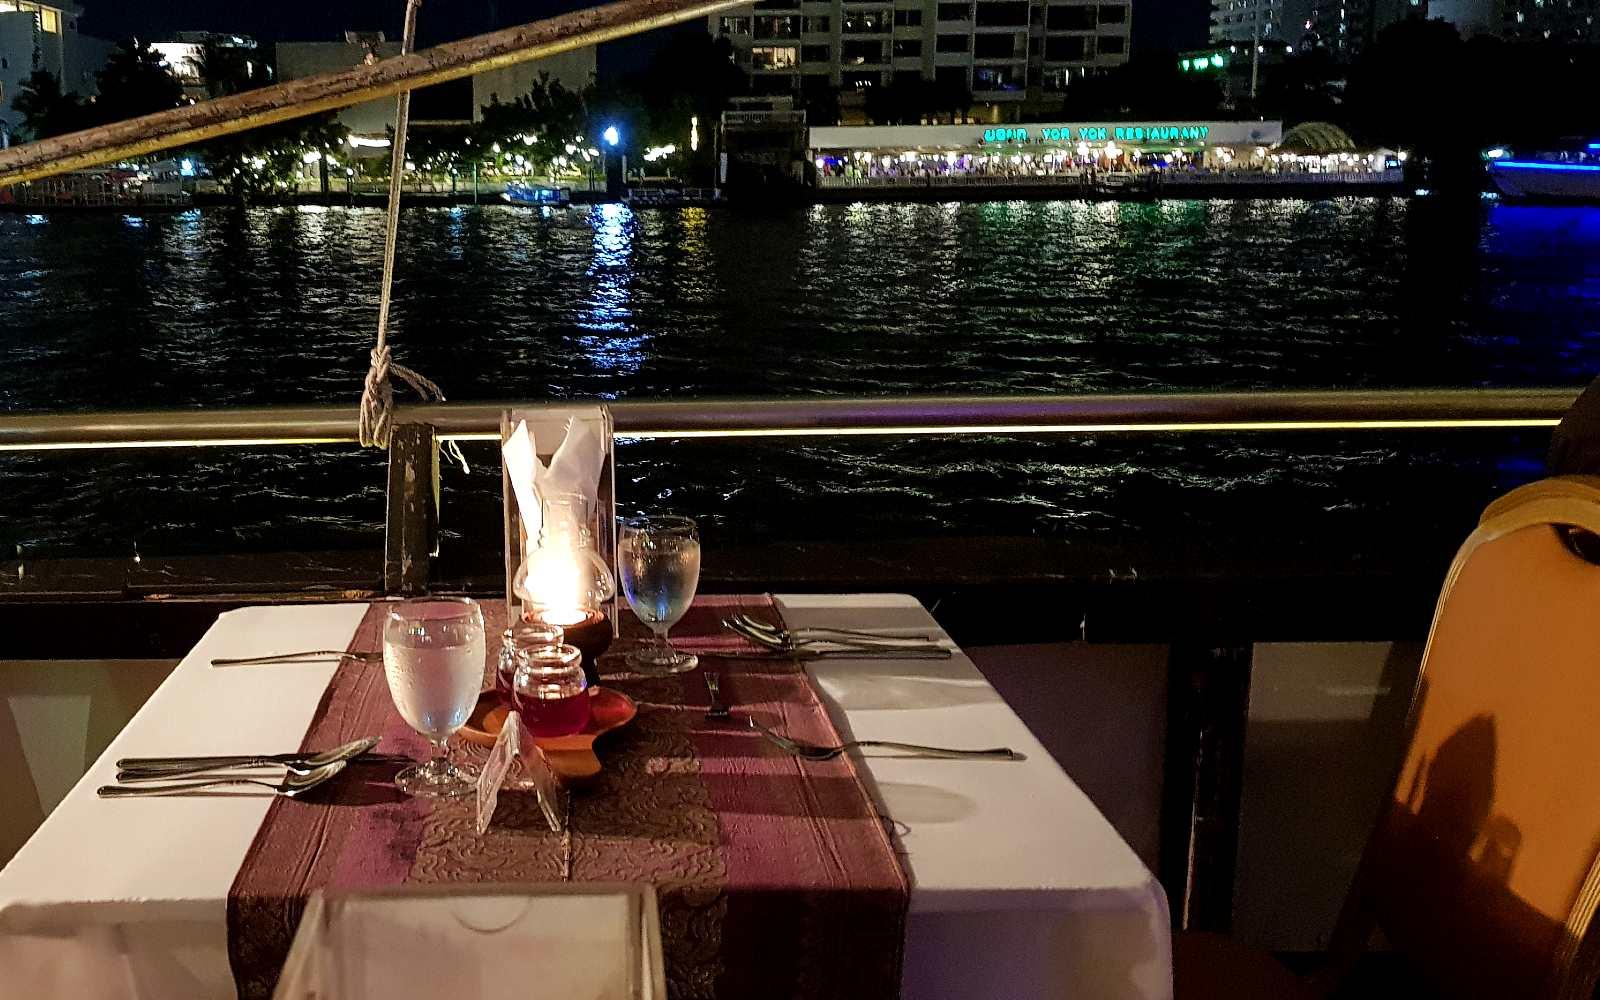 Mooi gedekte tafel met uitzicht op de rivier